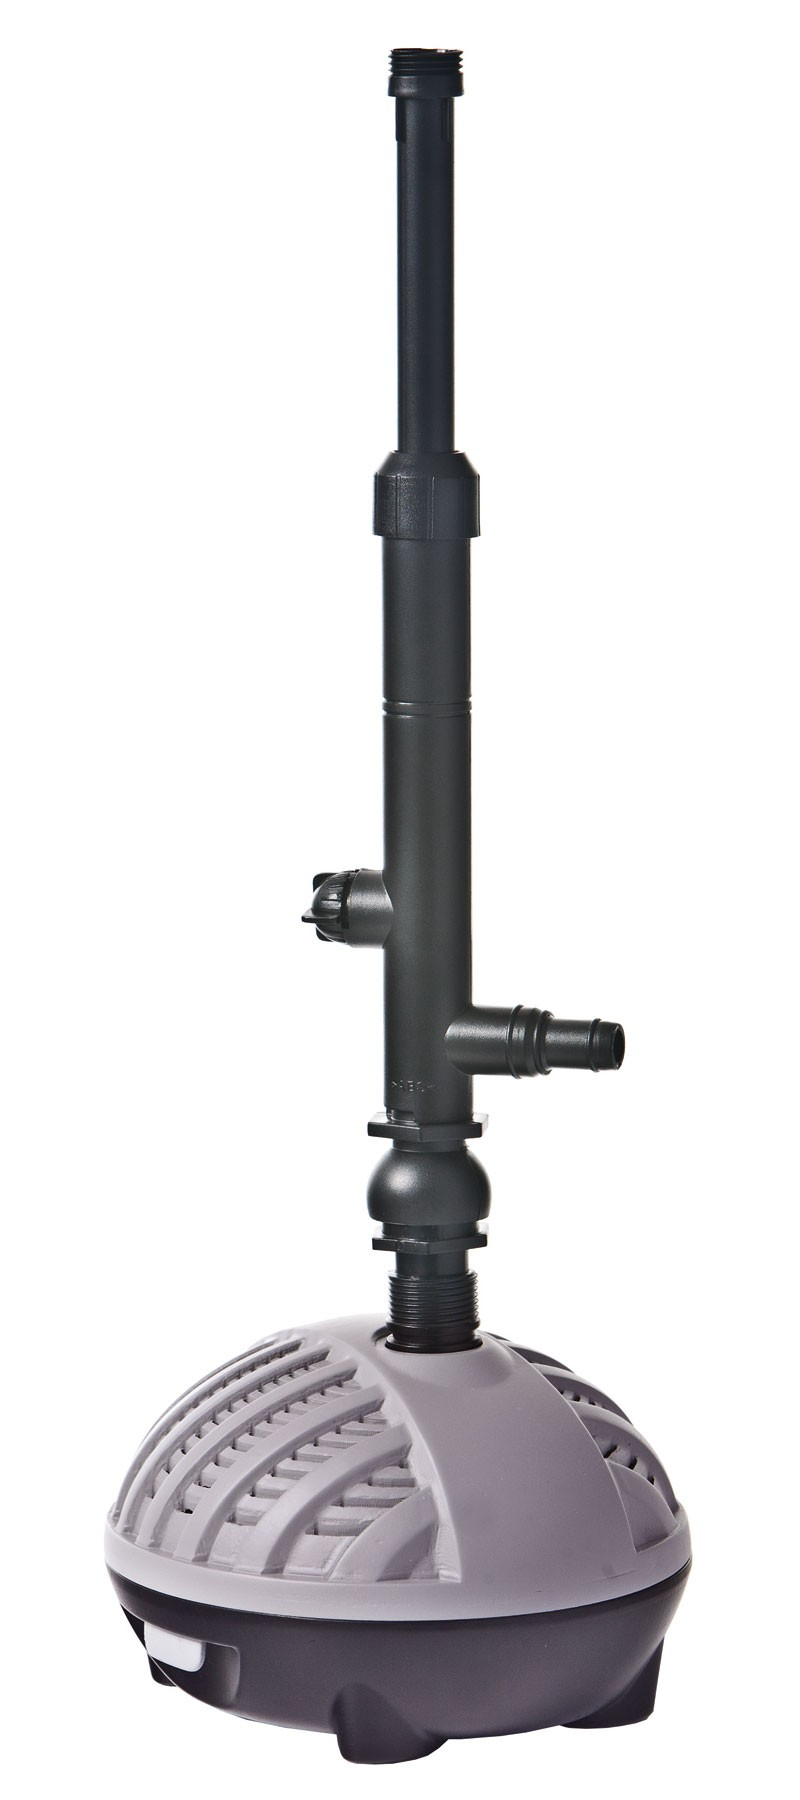 Teichpumpe / Wasserspielpumpe Heissner Smartline Jet ECO HSP 2500-00 Bild 2